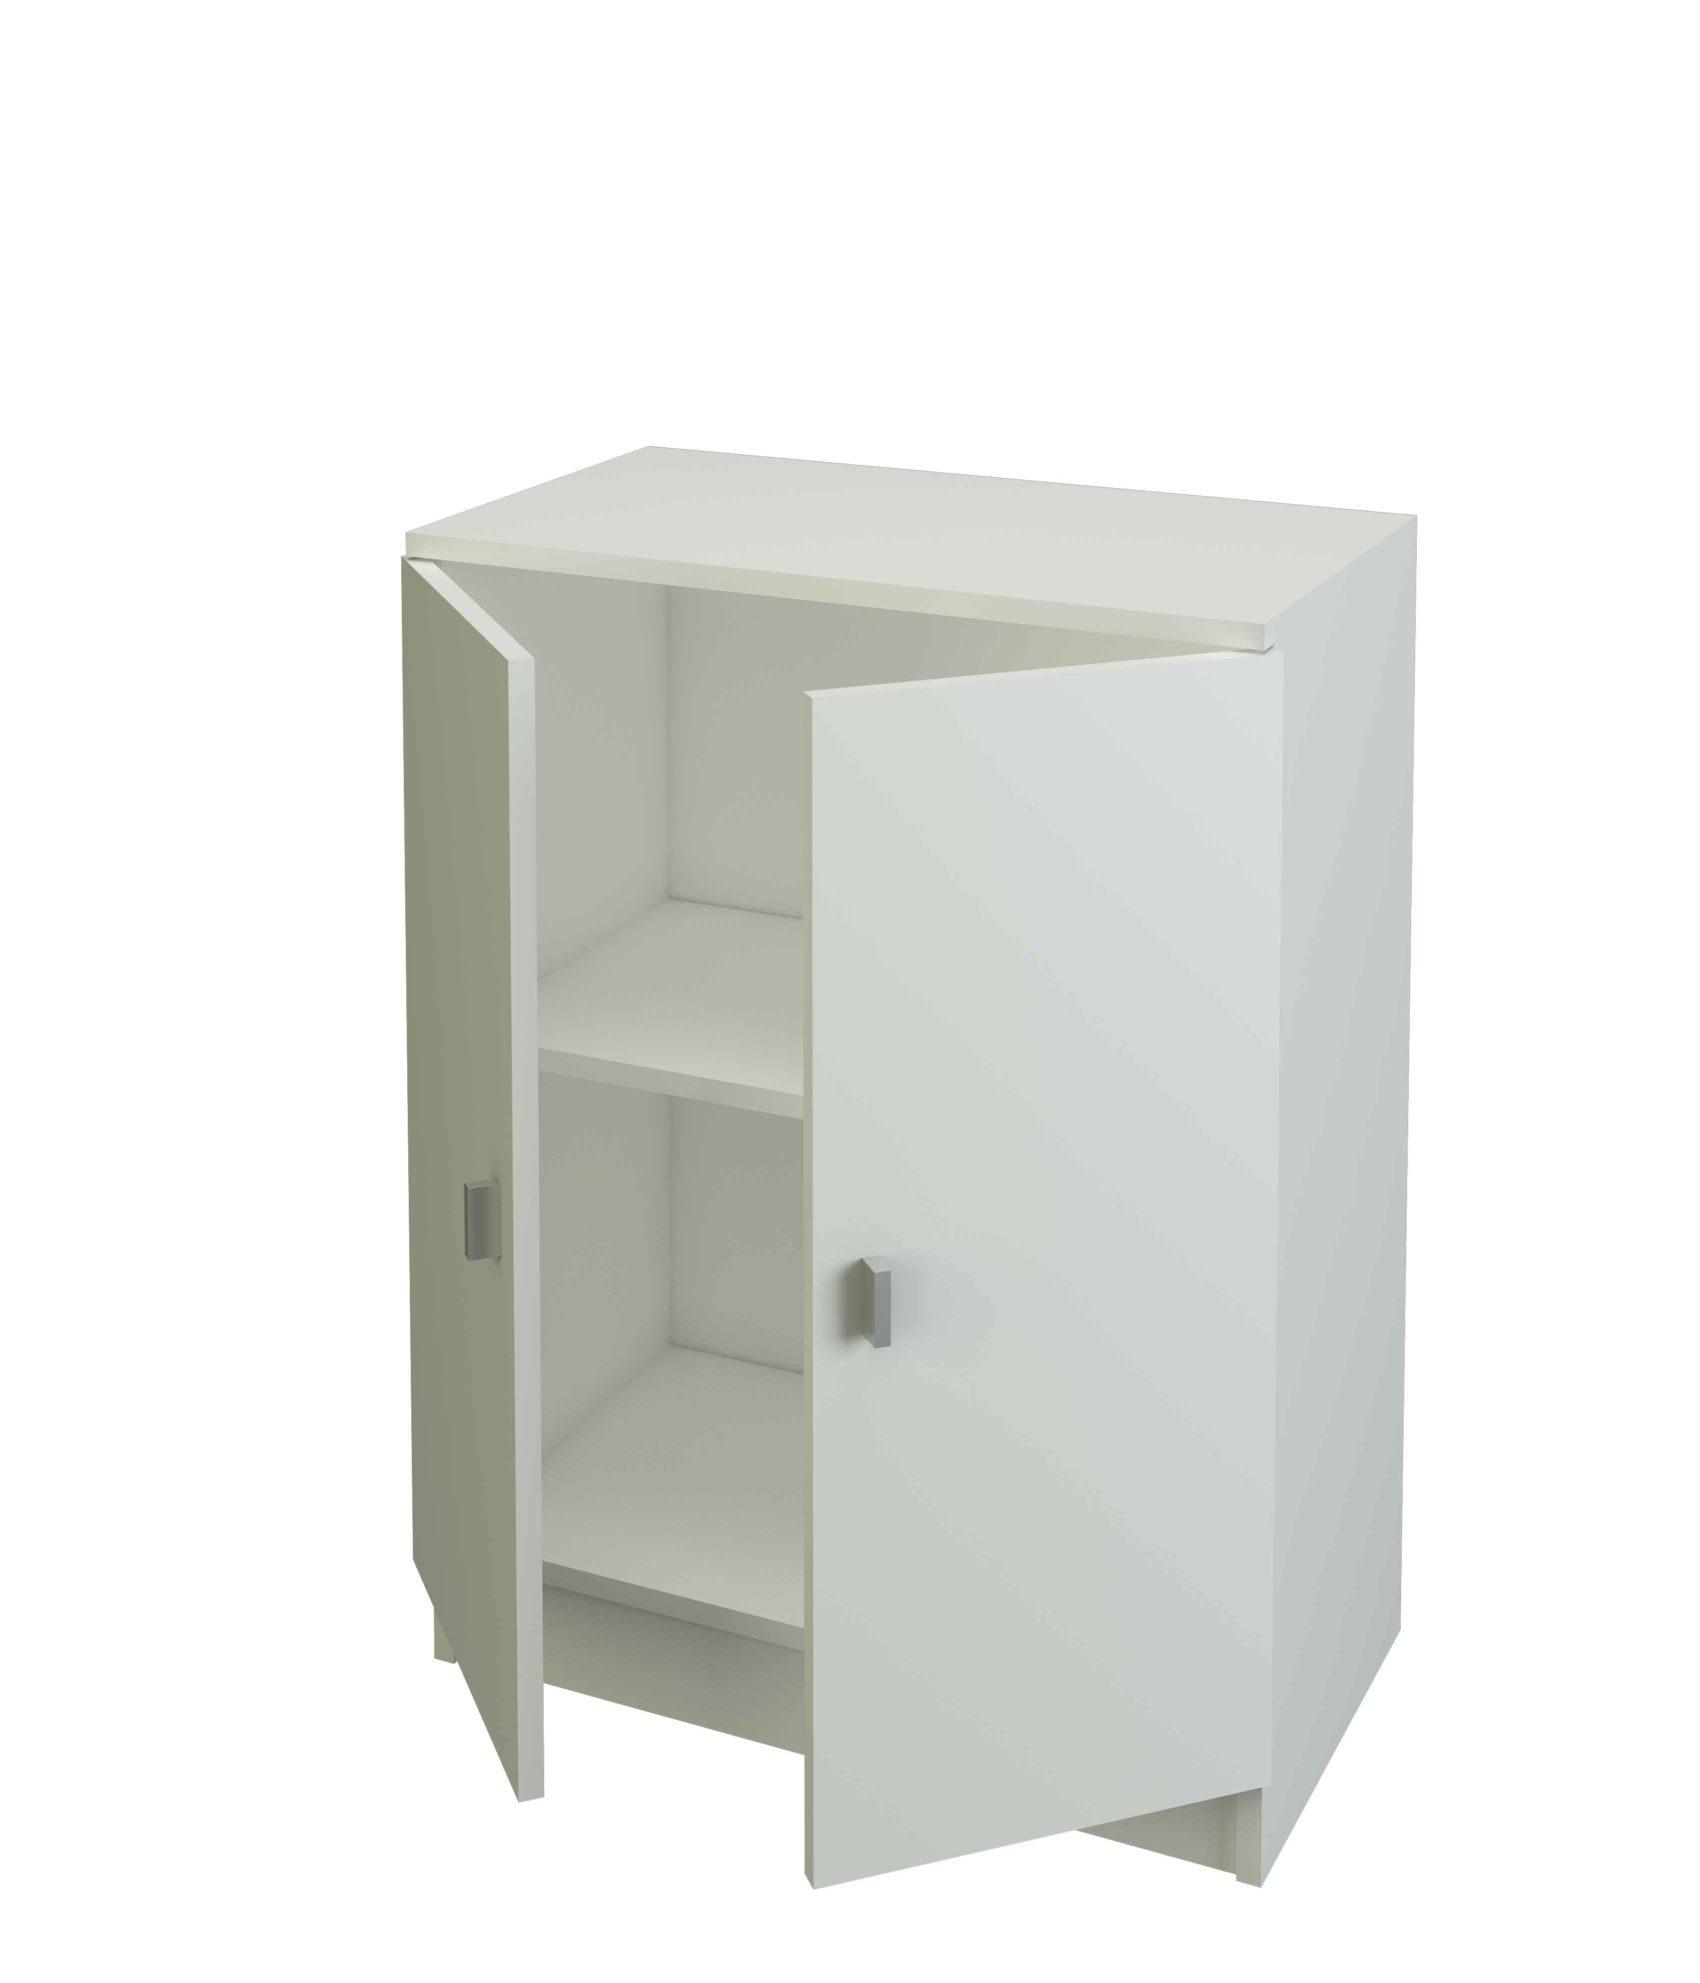 armario bajo blanco